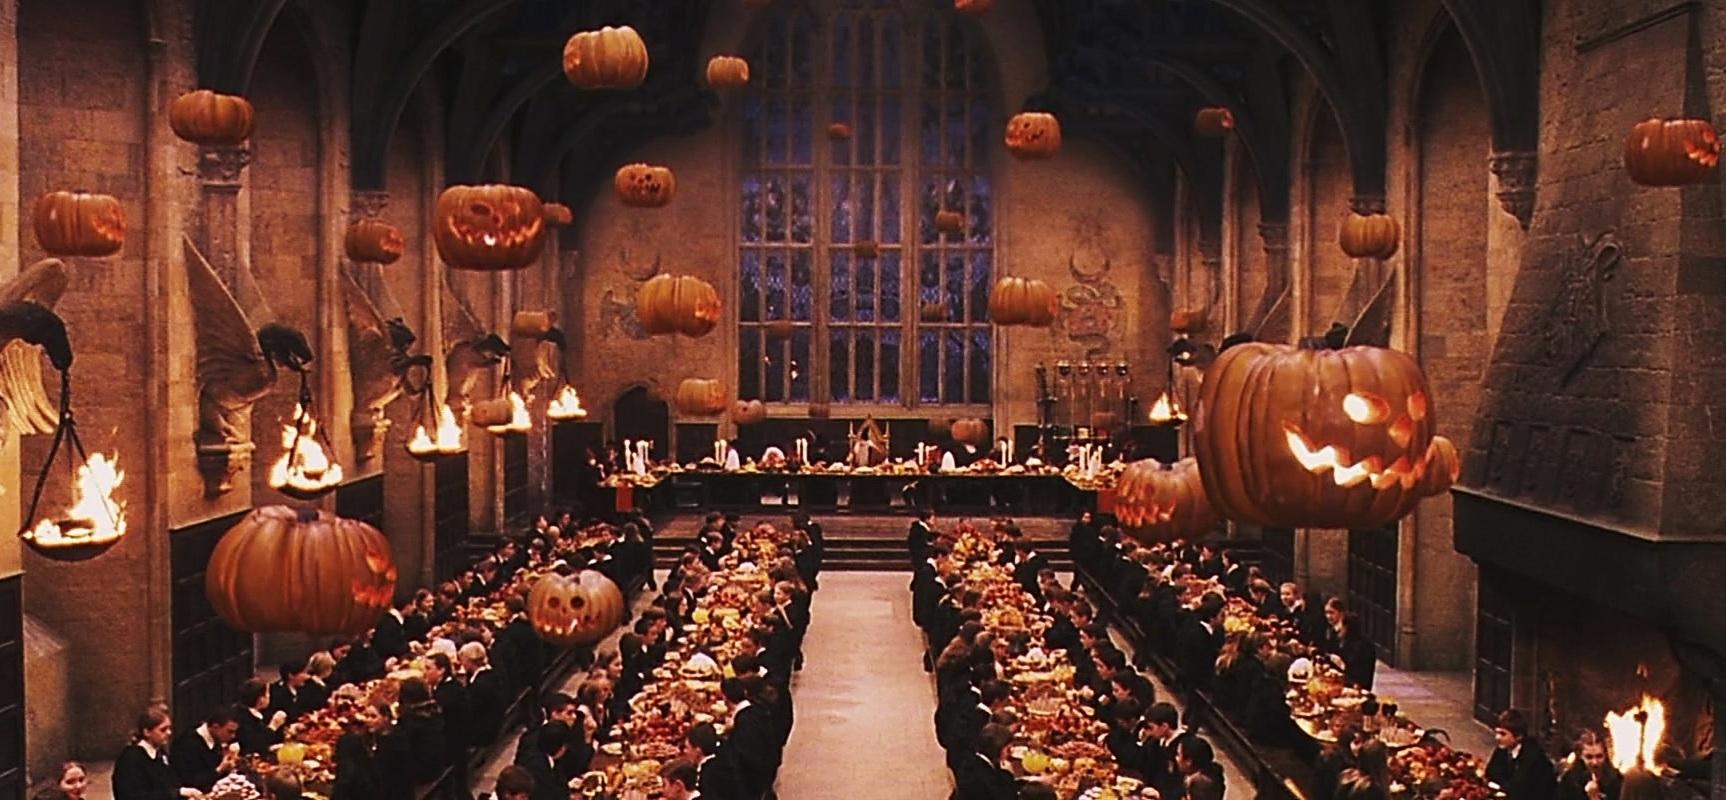 Harry potter envie d 39 une pinte de bi reaubeurre bien fra che et des drag es surprise de - Deco hal halloween ...